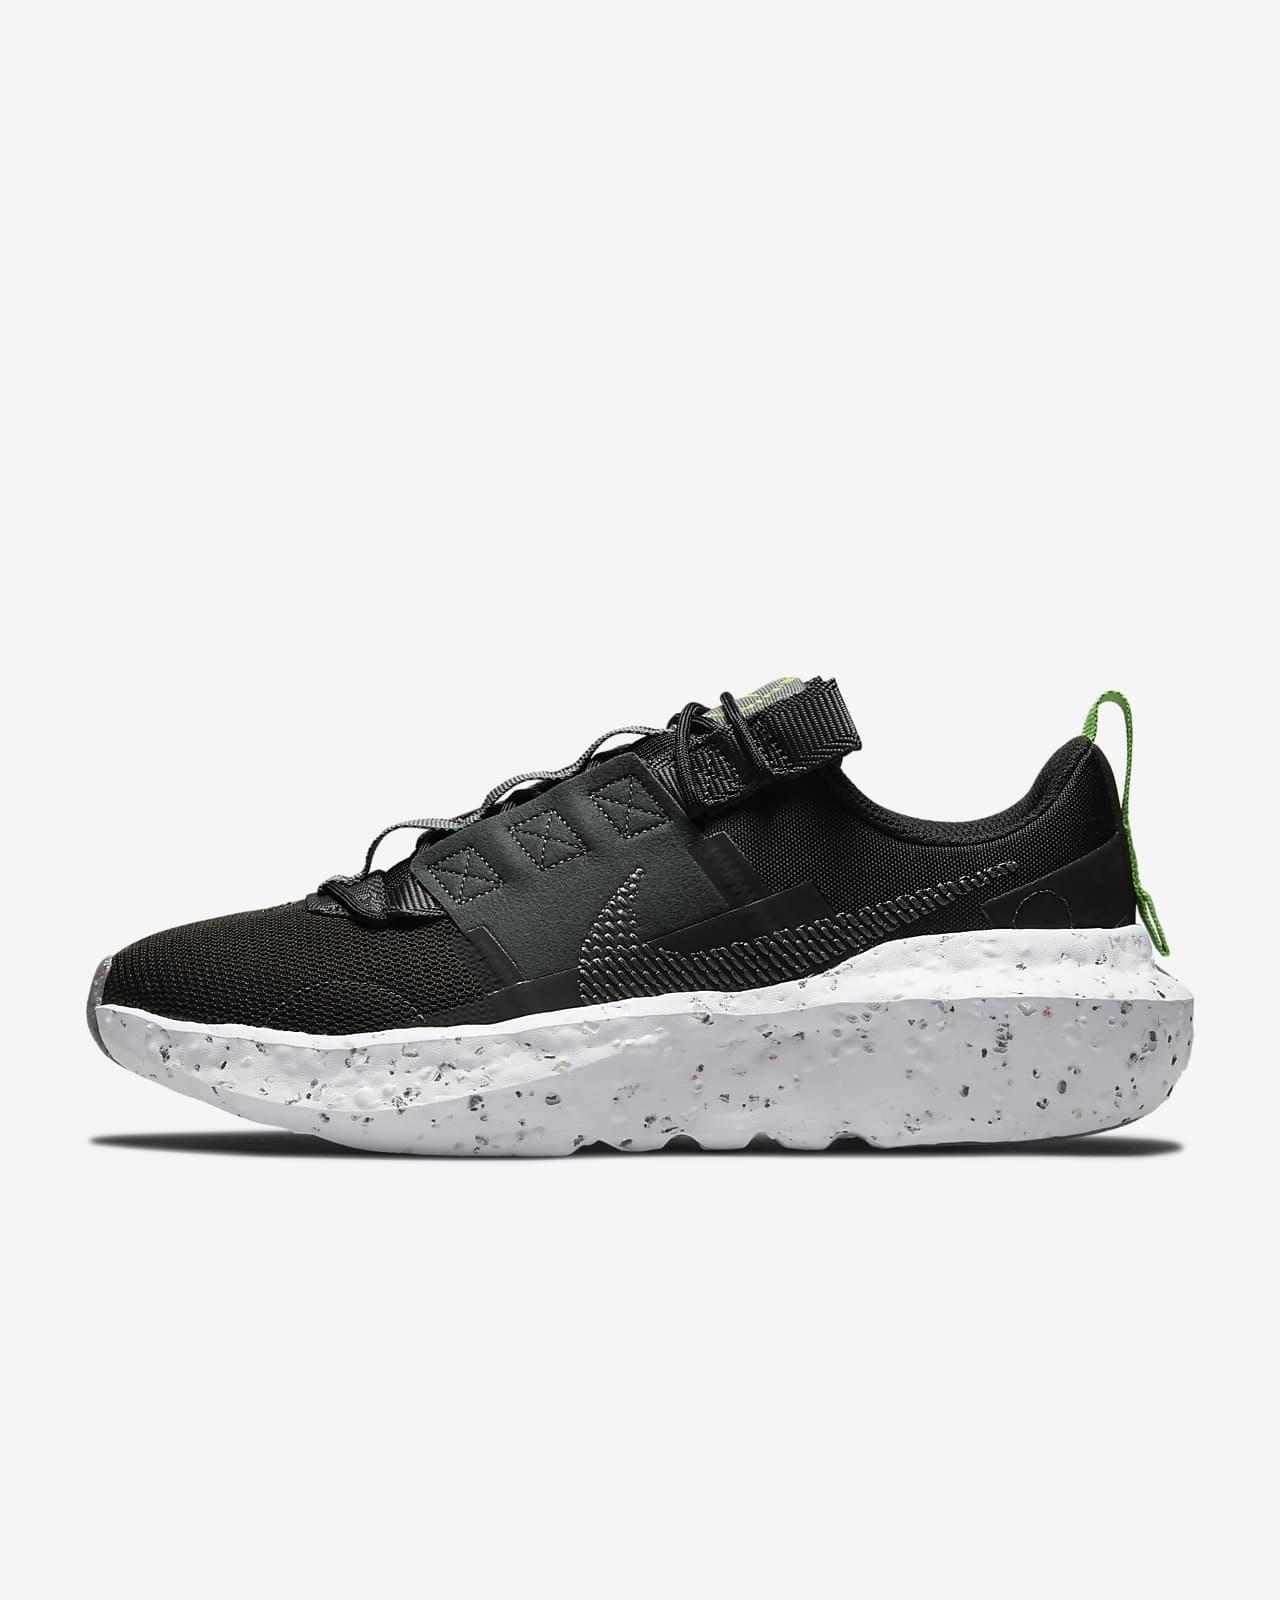 Nike Crater Impact Women's Shoe